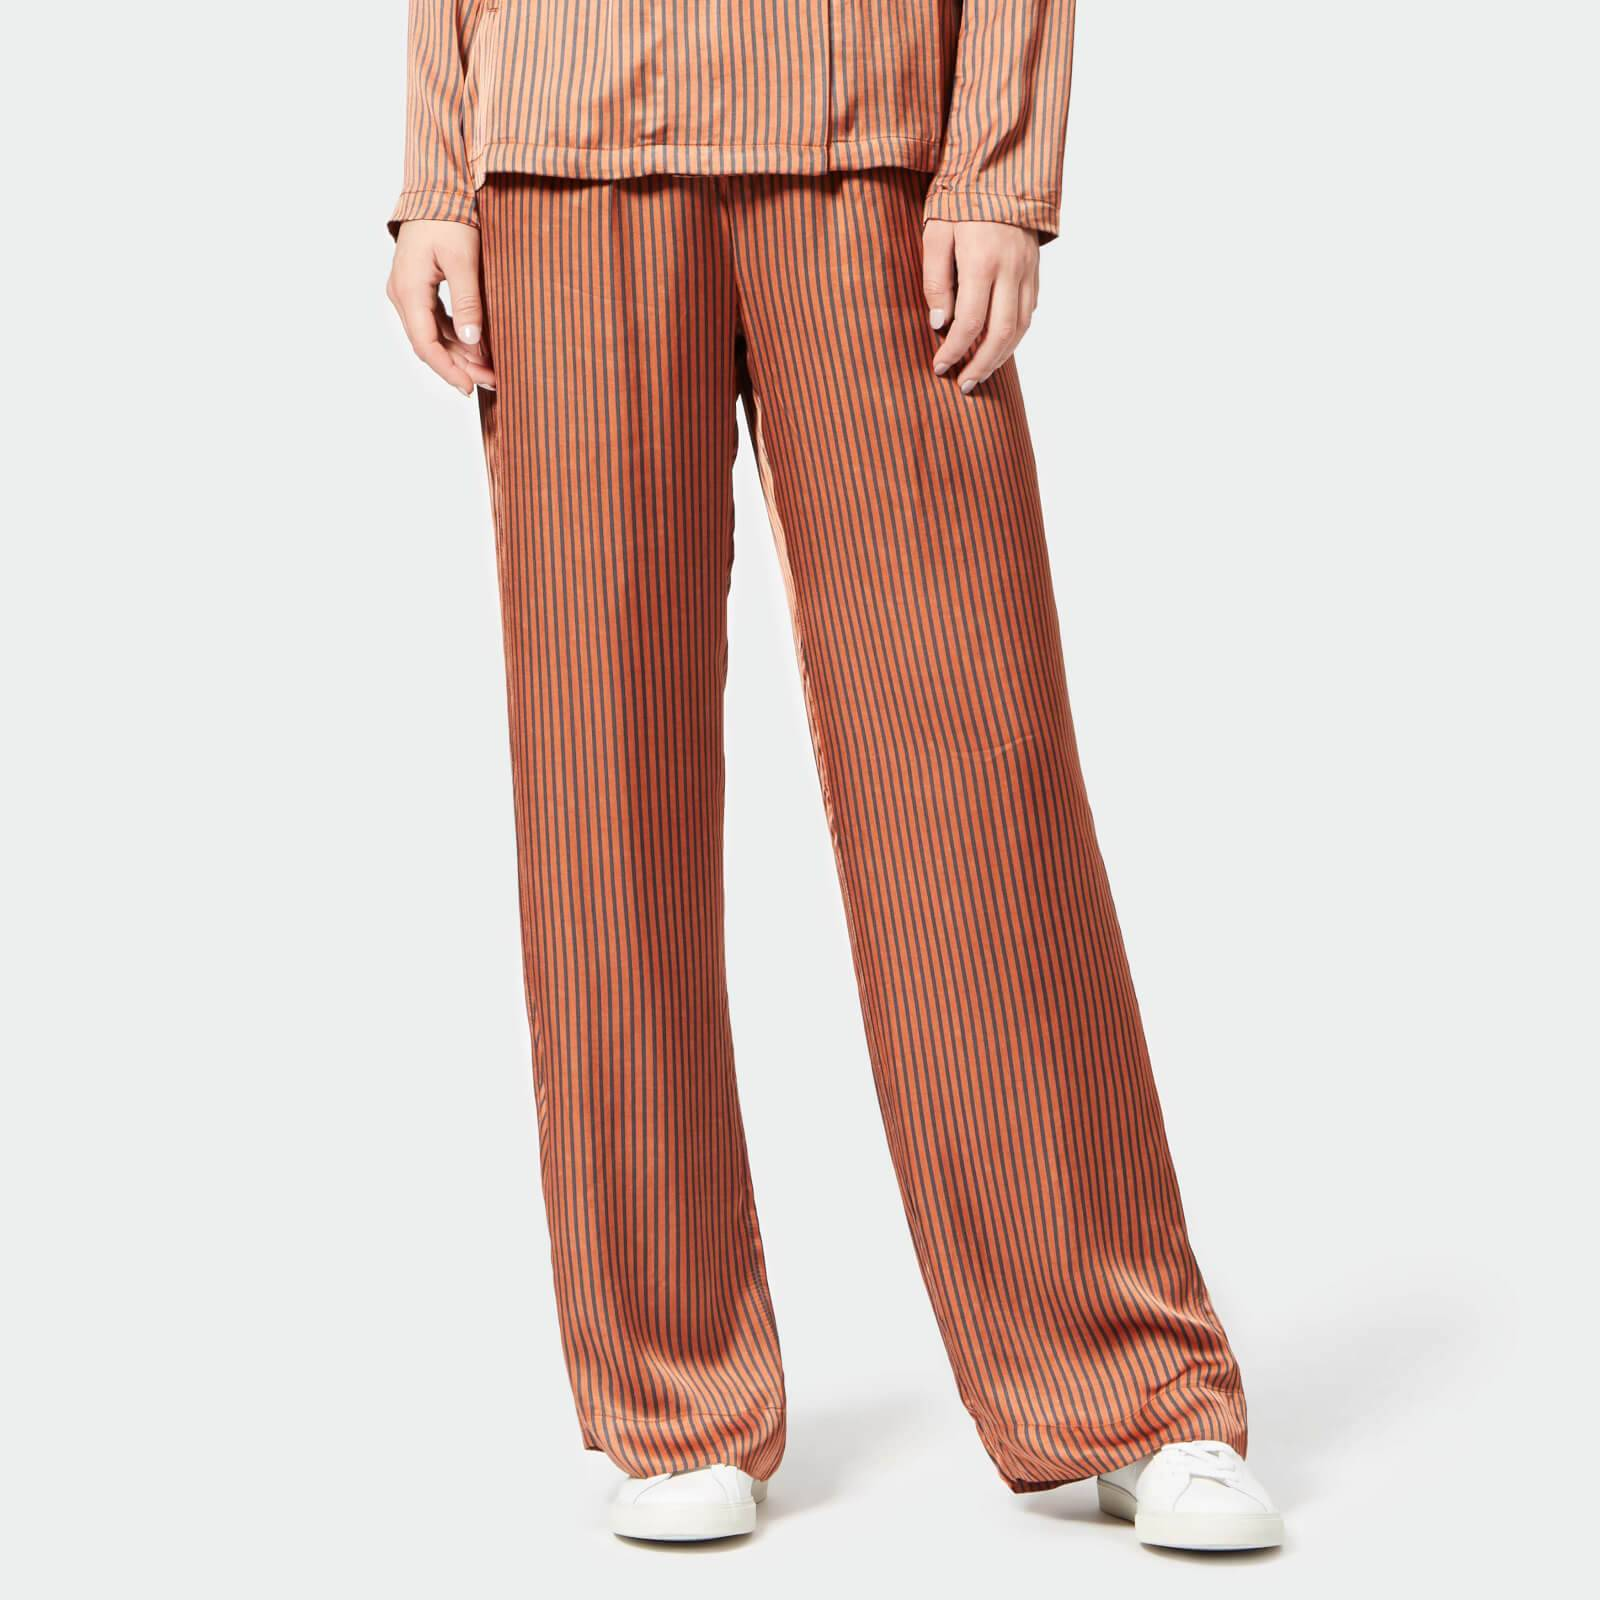 Gestuz Women's Veronica Pants - Ginger Stripe - EU 38/UK 10 - Beige